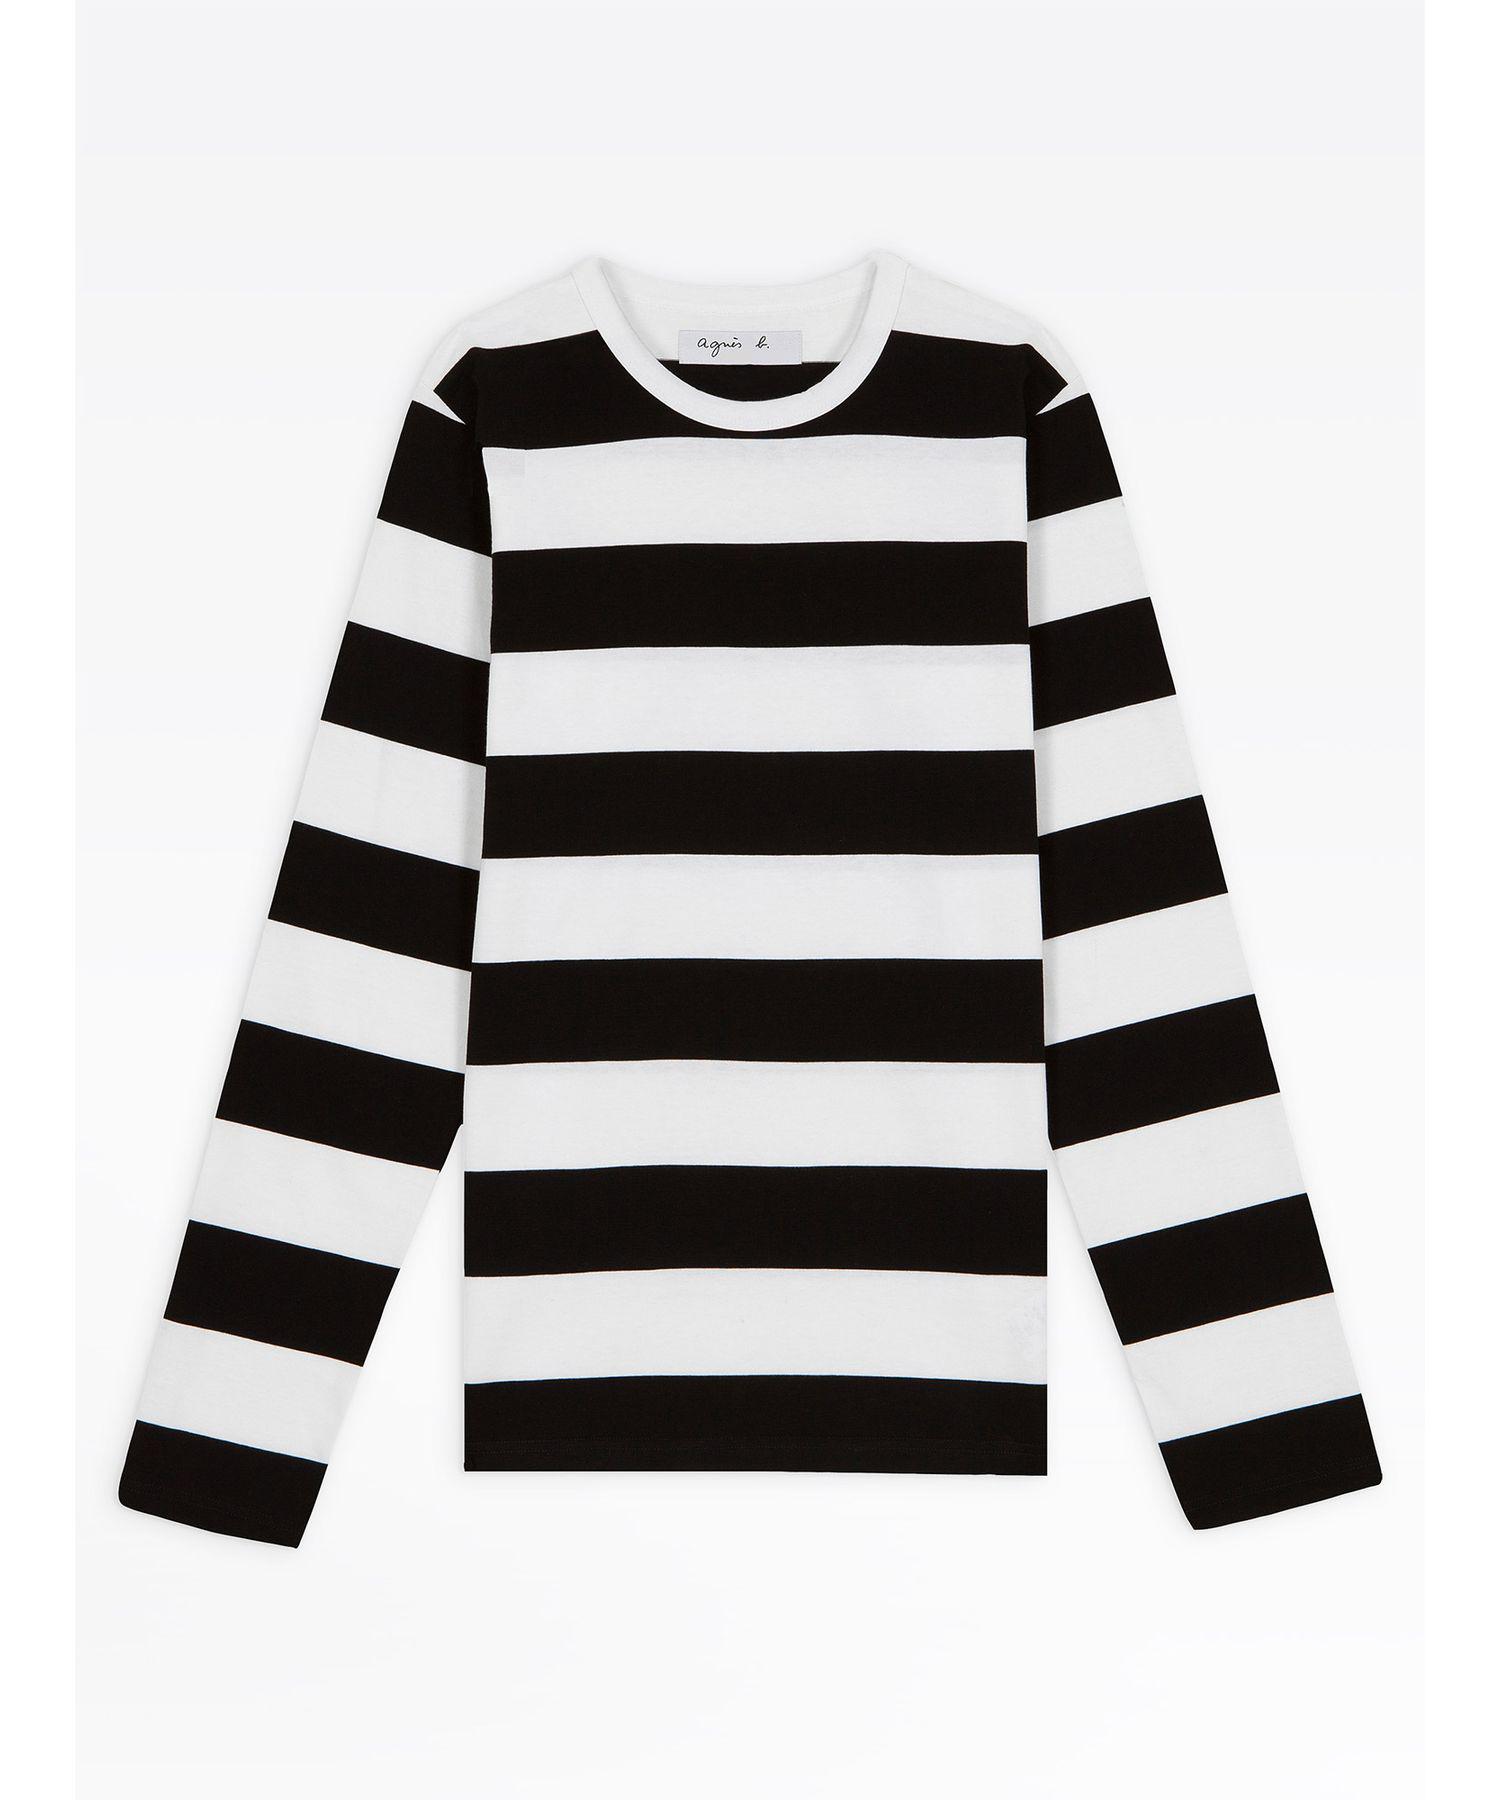 J019 TS Tシャツ